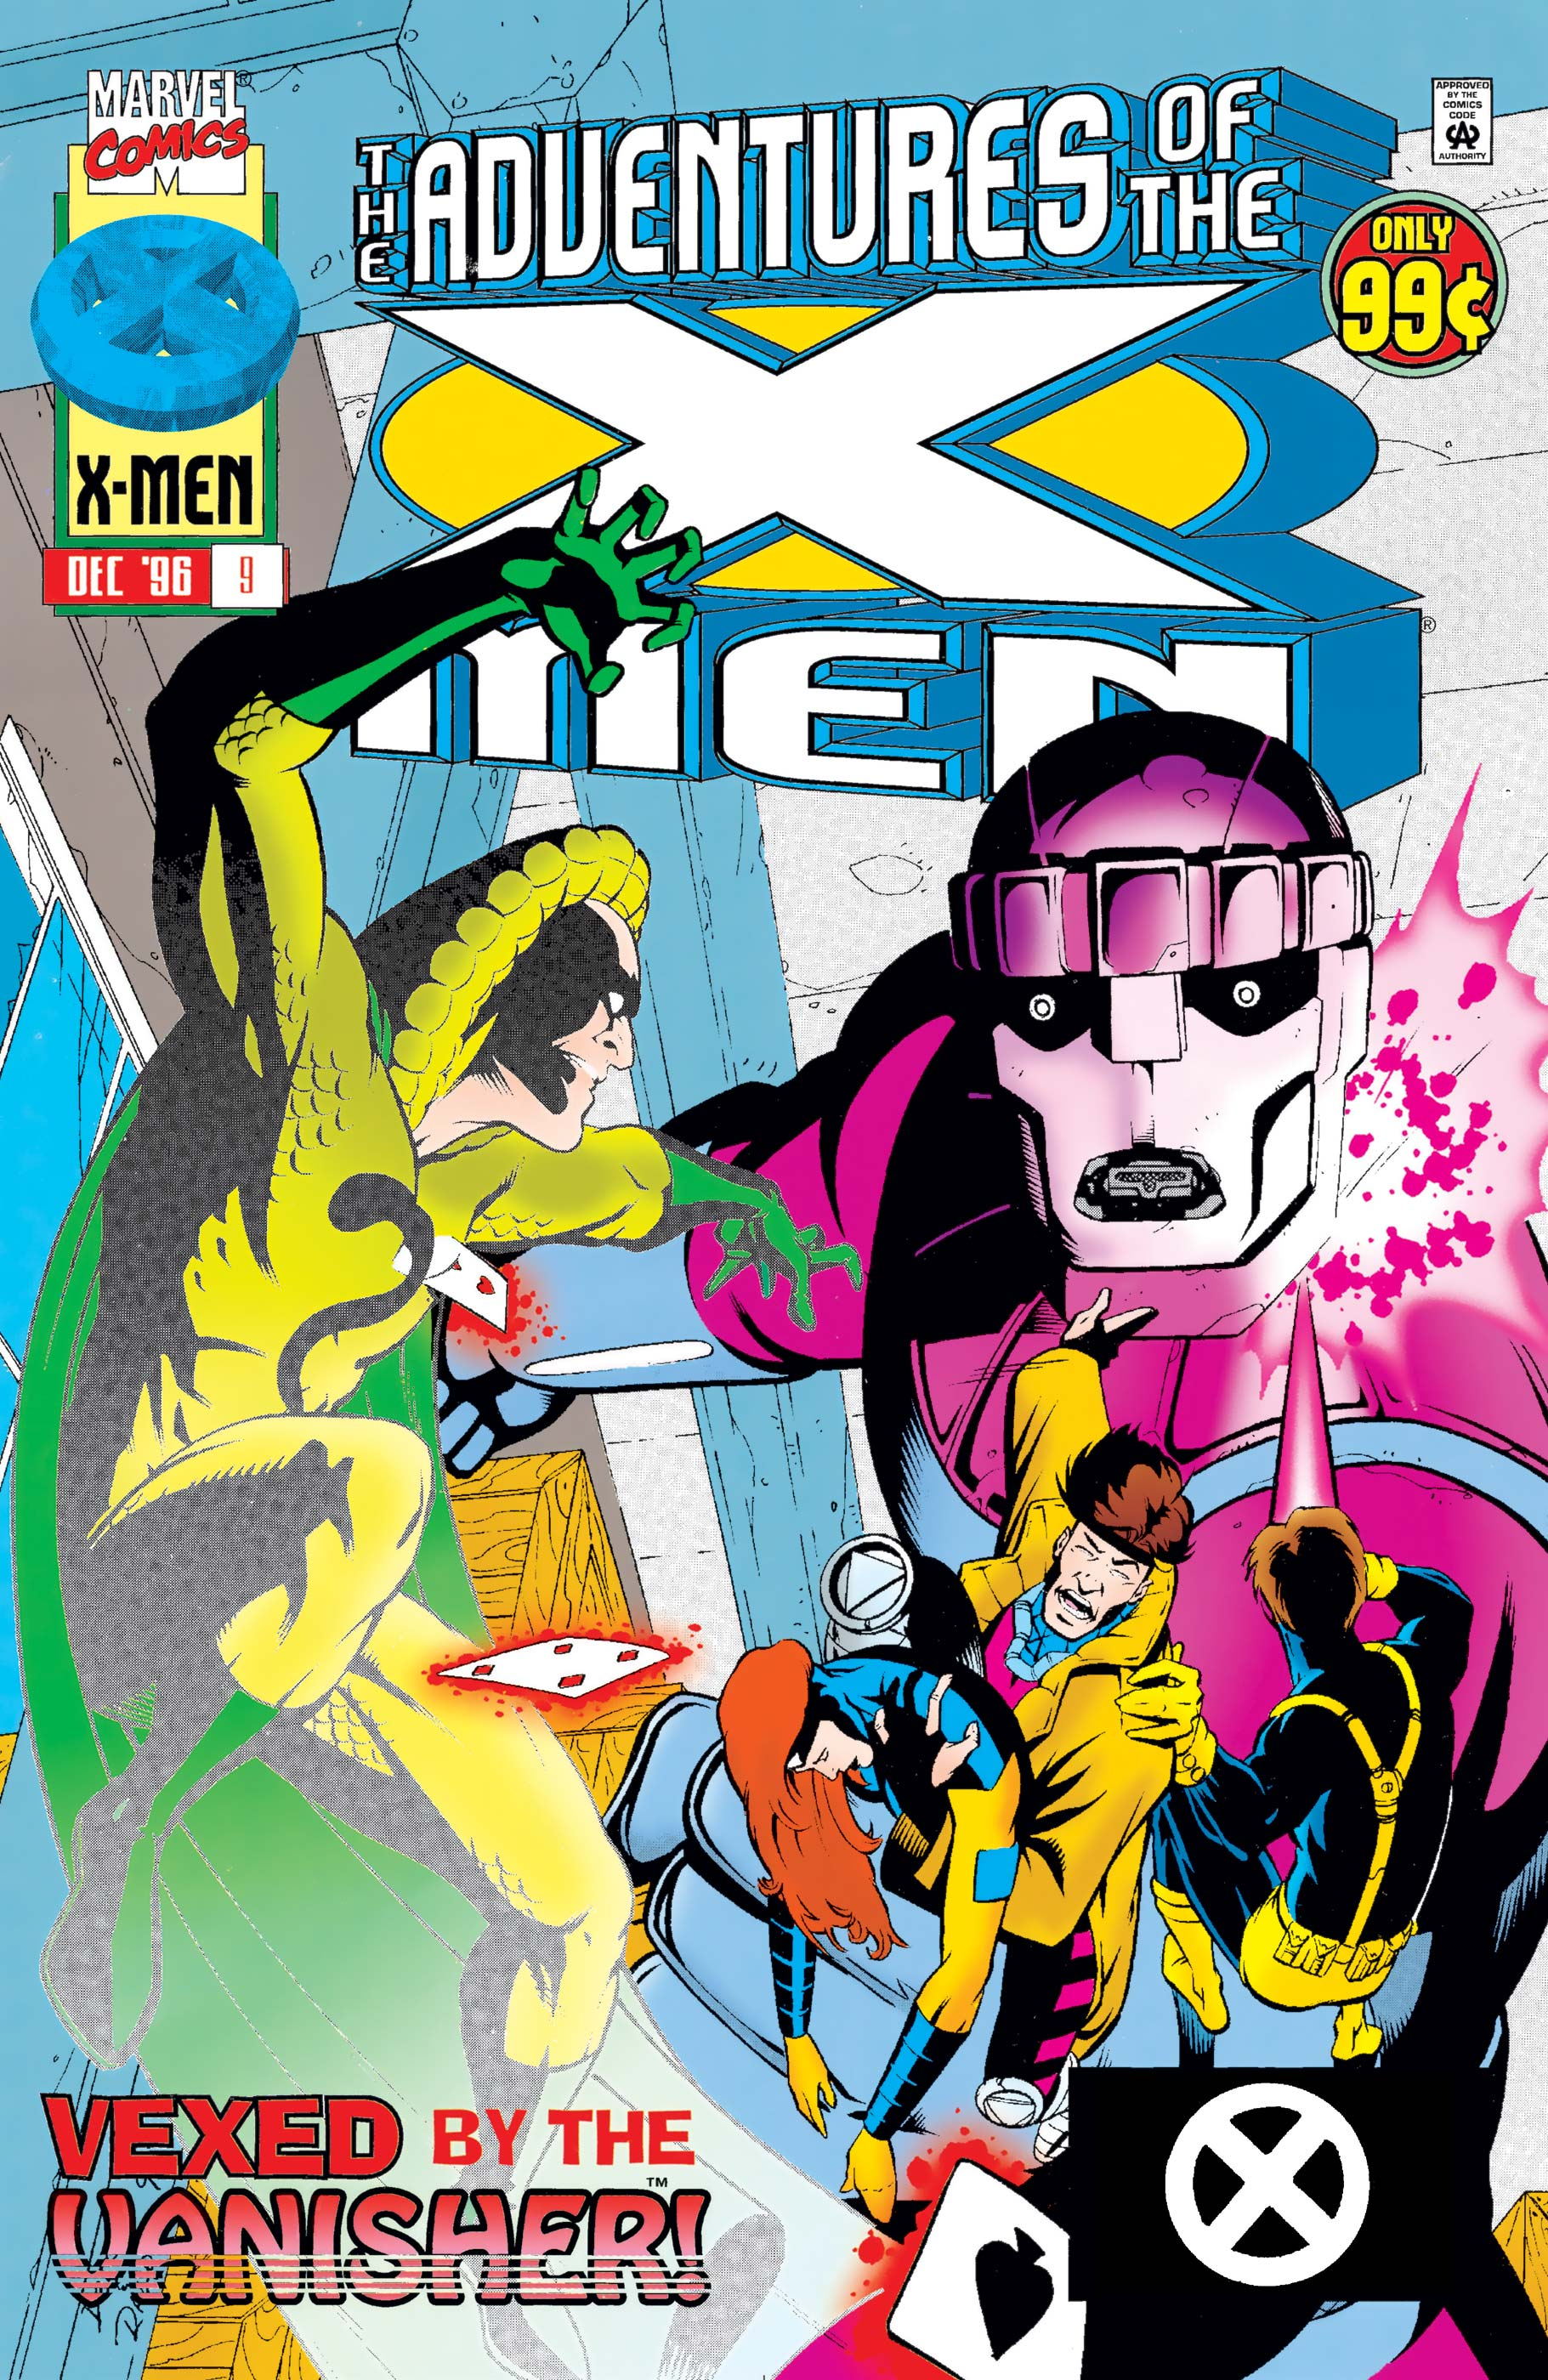 Adventures of the X-Men (1996) #9